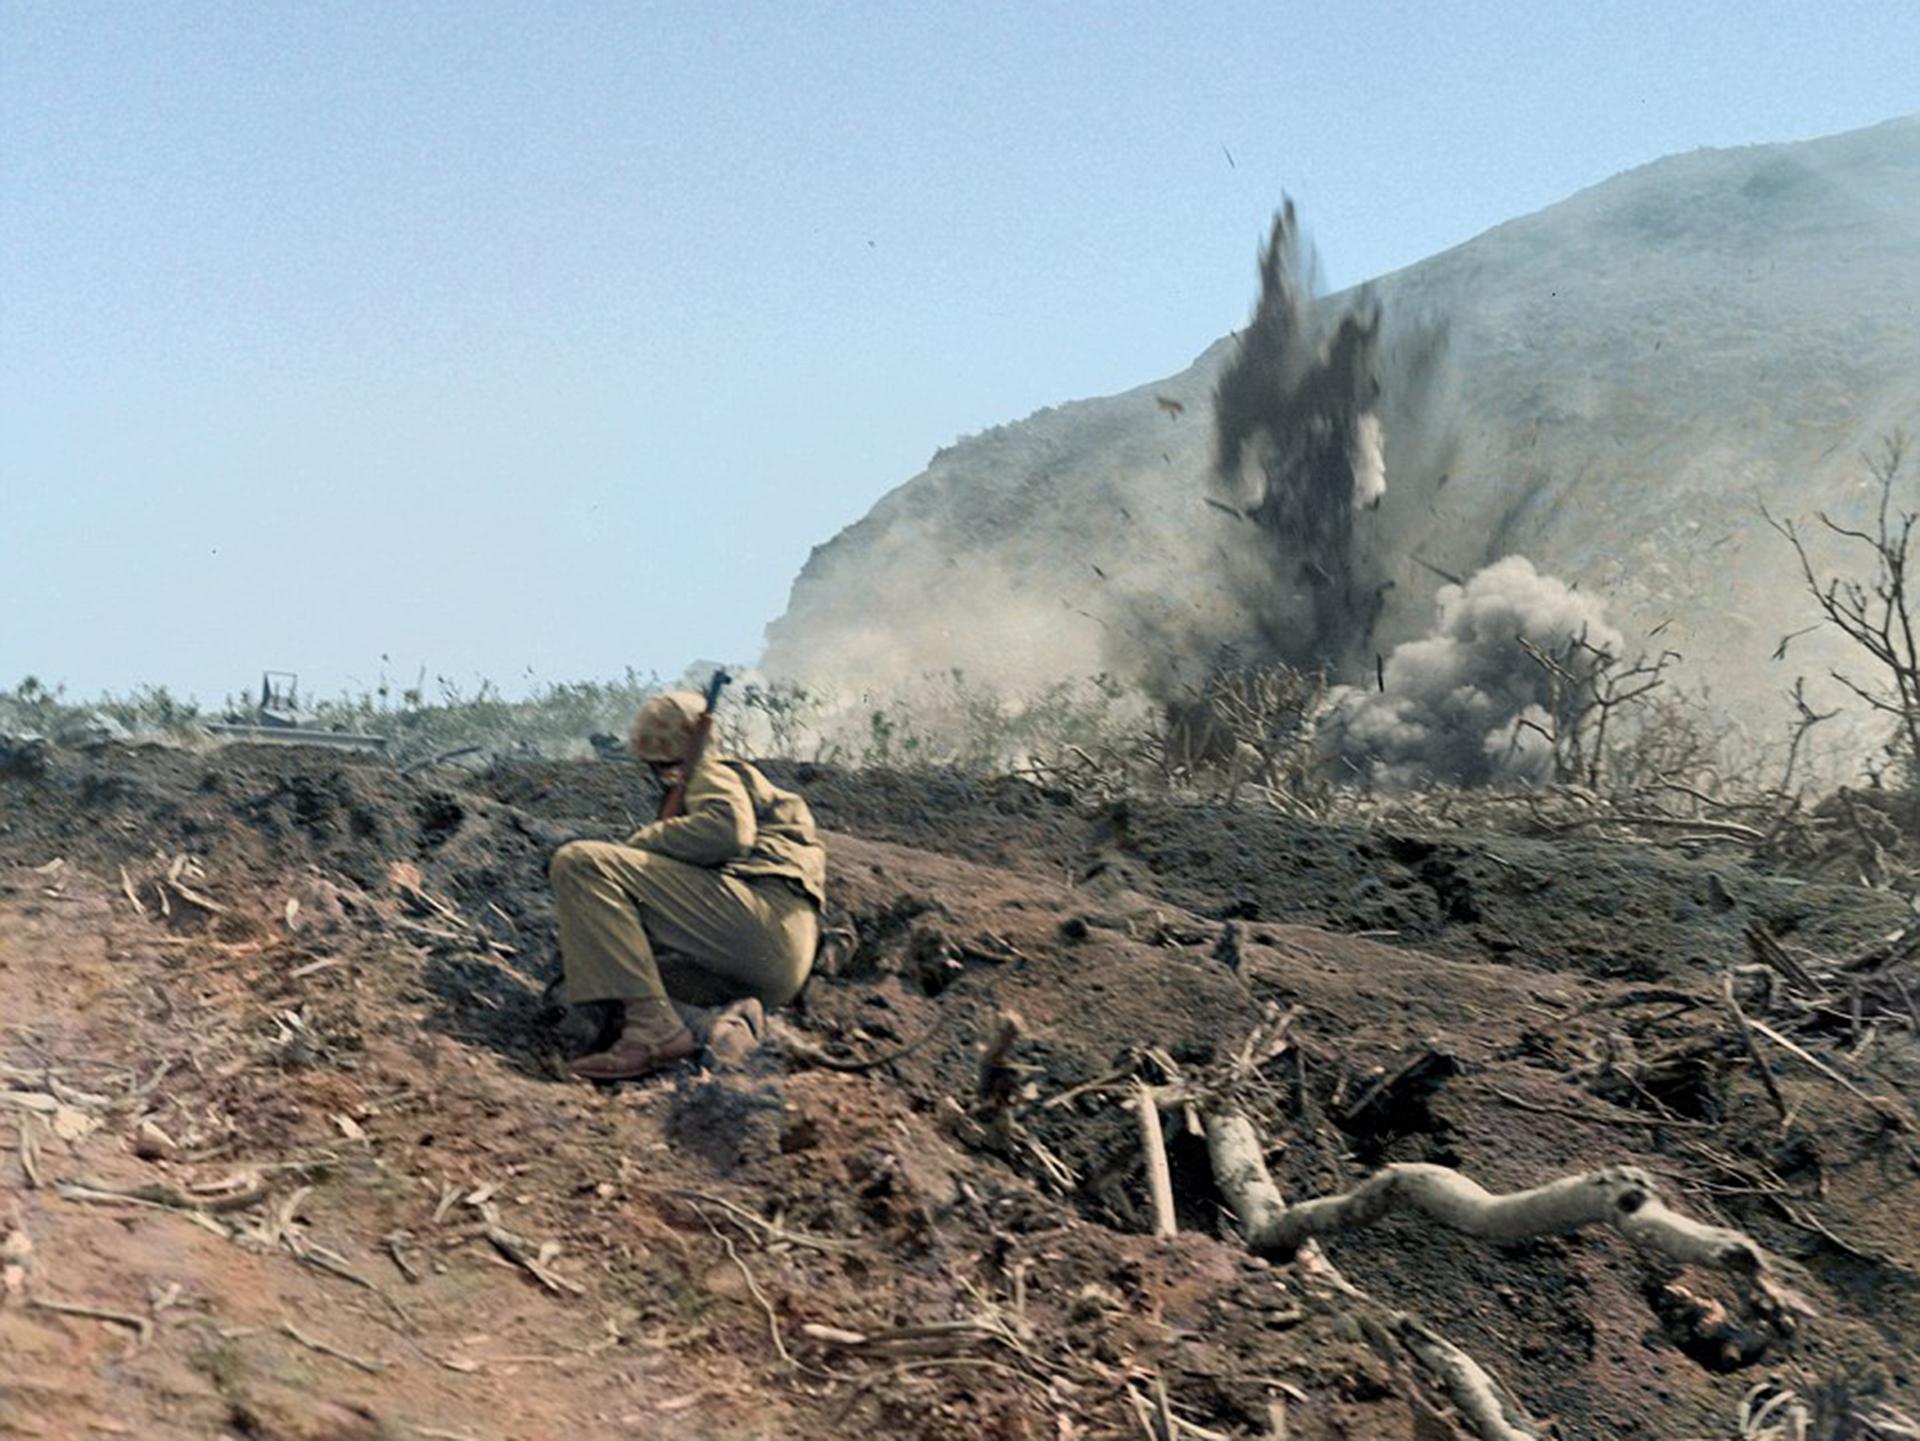 Un marine observa cómo un mortero estalla en las posiciones japonesas en Iwo Jima, en marzo de 1945